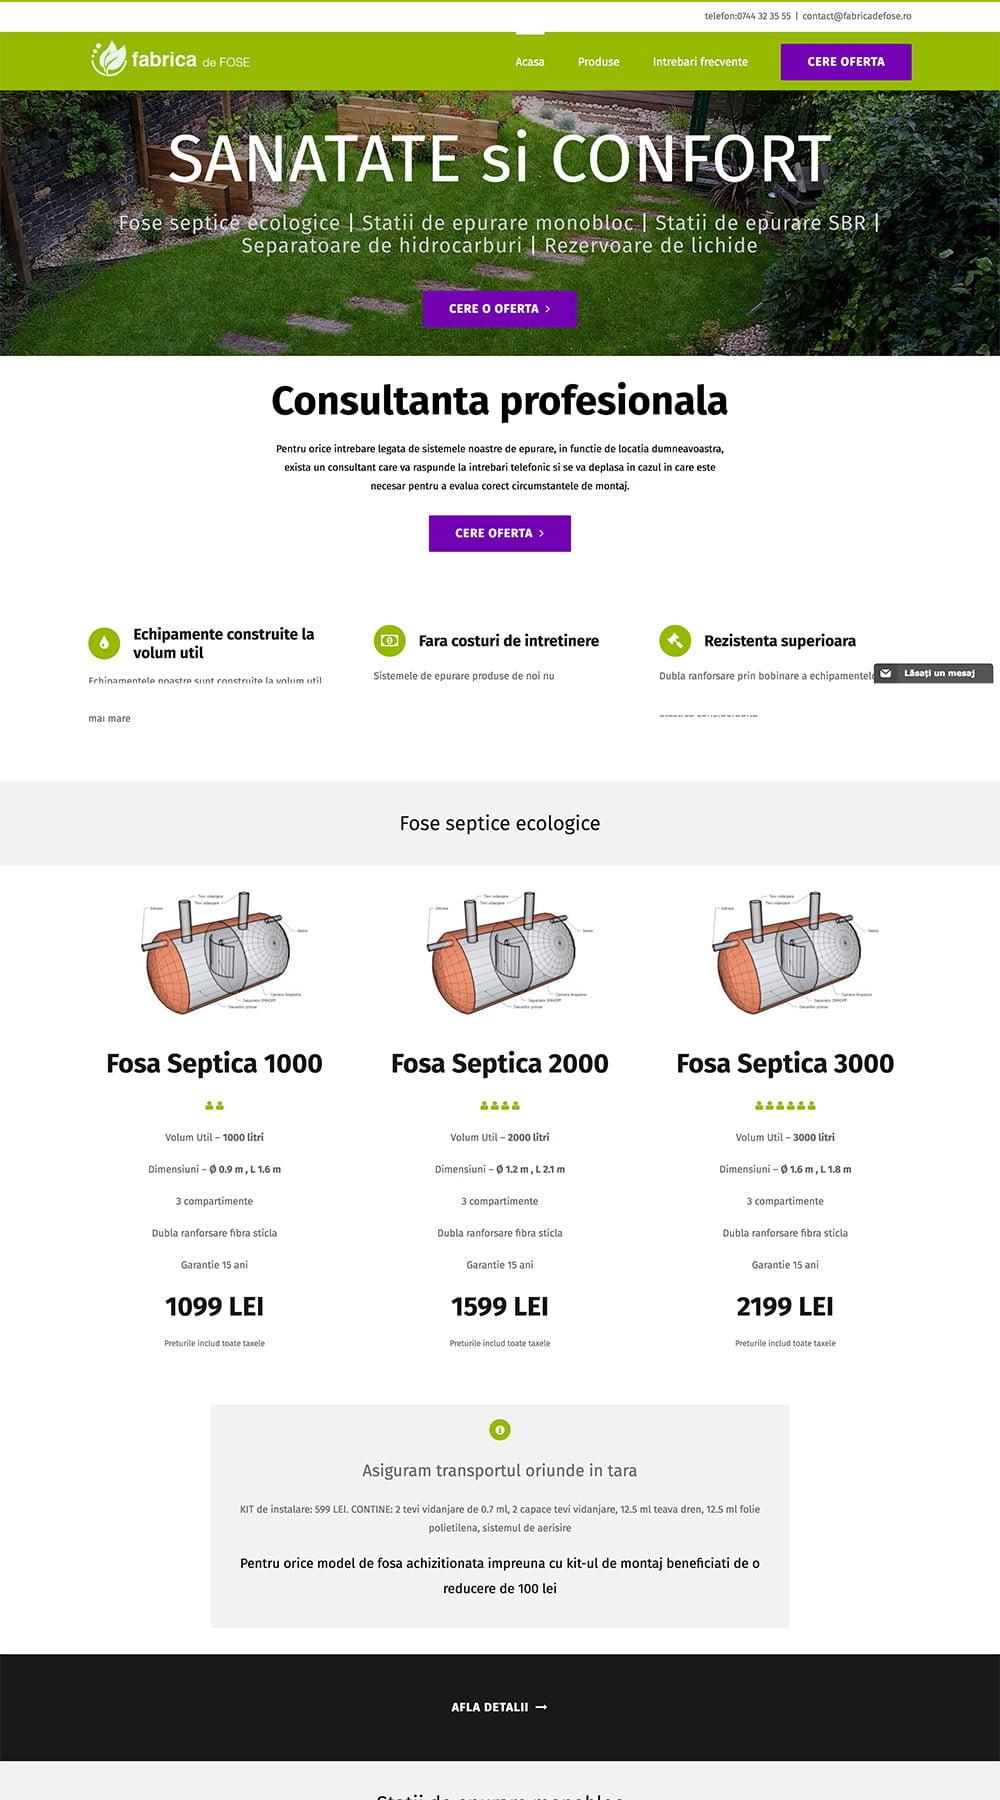 Agentie Web Design portofoliu client fabricadefose.ro